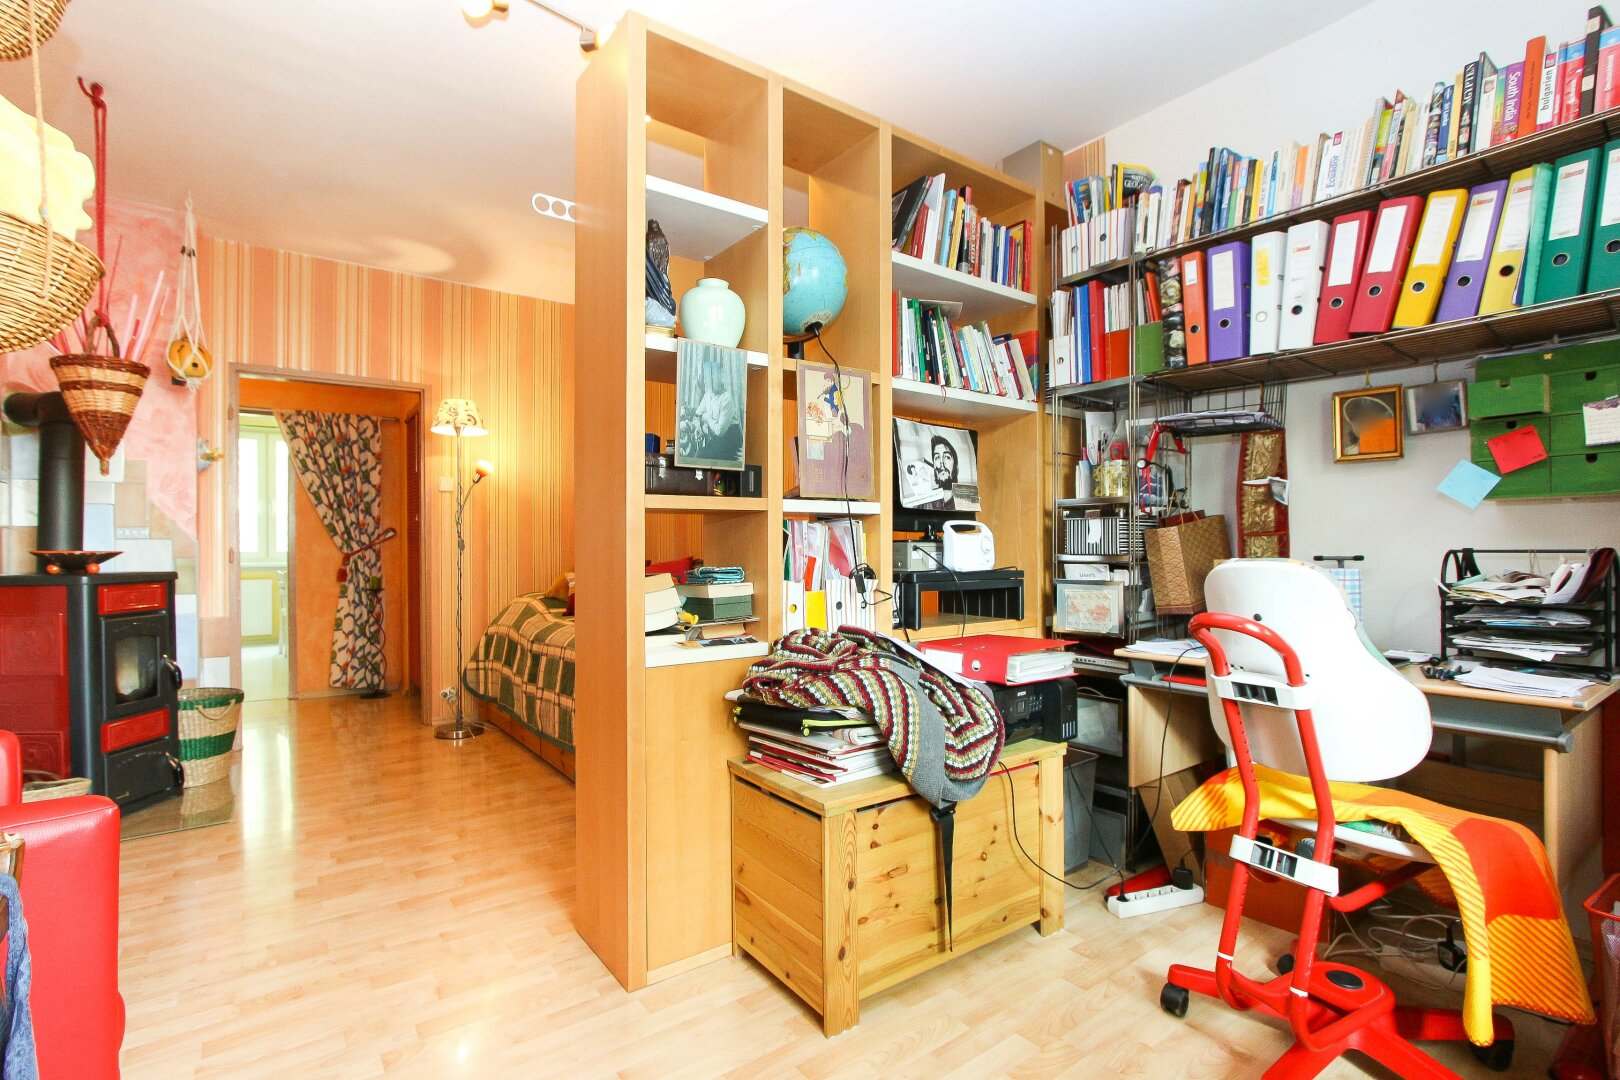 Zimmer - Arbeitsbereich